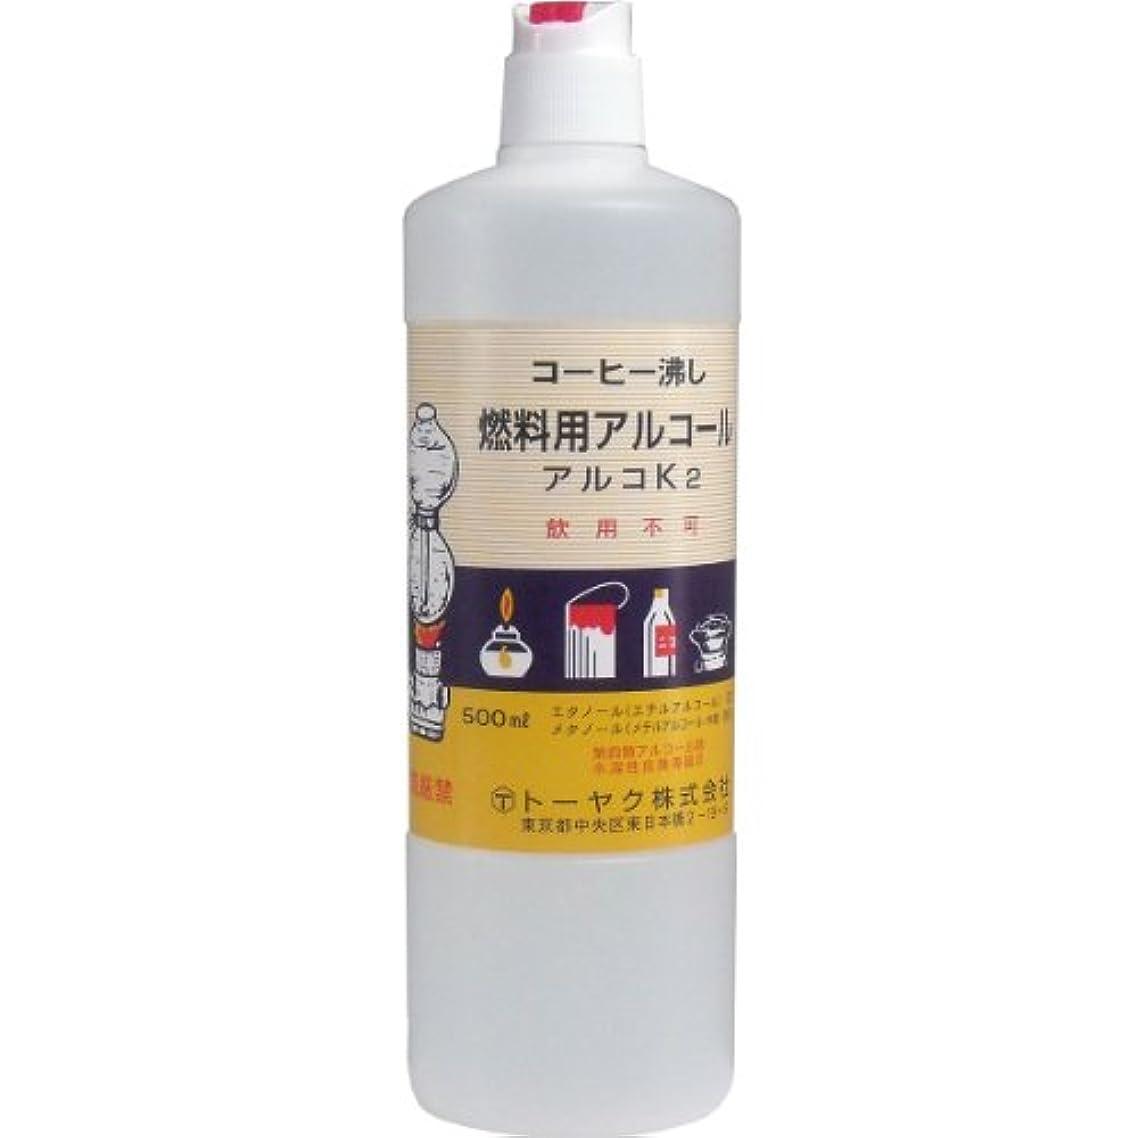 ピッチャーアフリカ人局燃料用アルコール アルコK2 ×3個セット